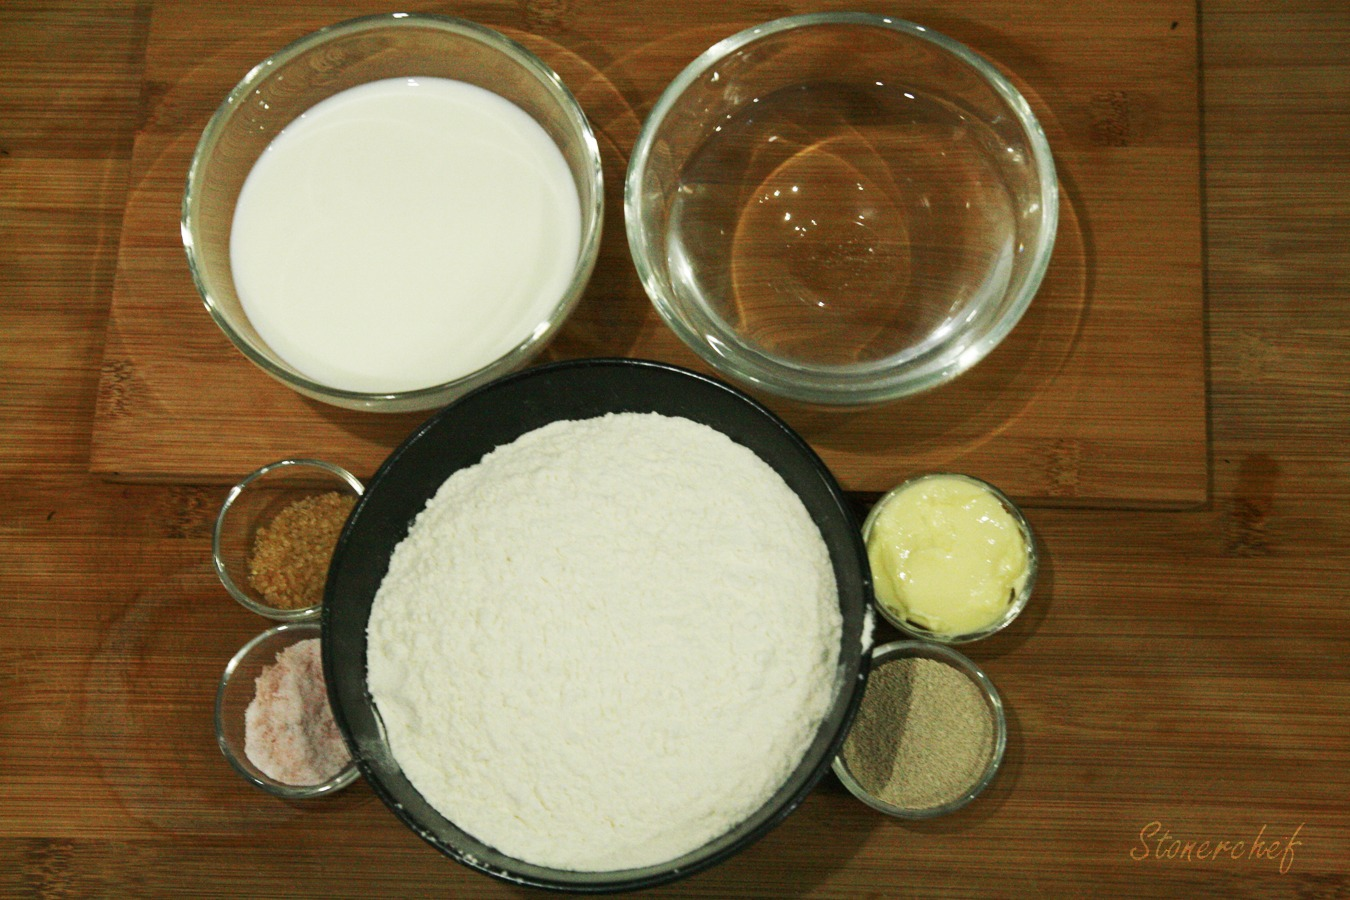 mąka pszenna mleko masło sól cukier drożdże